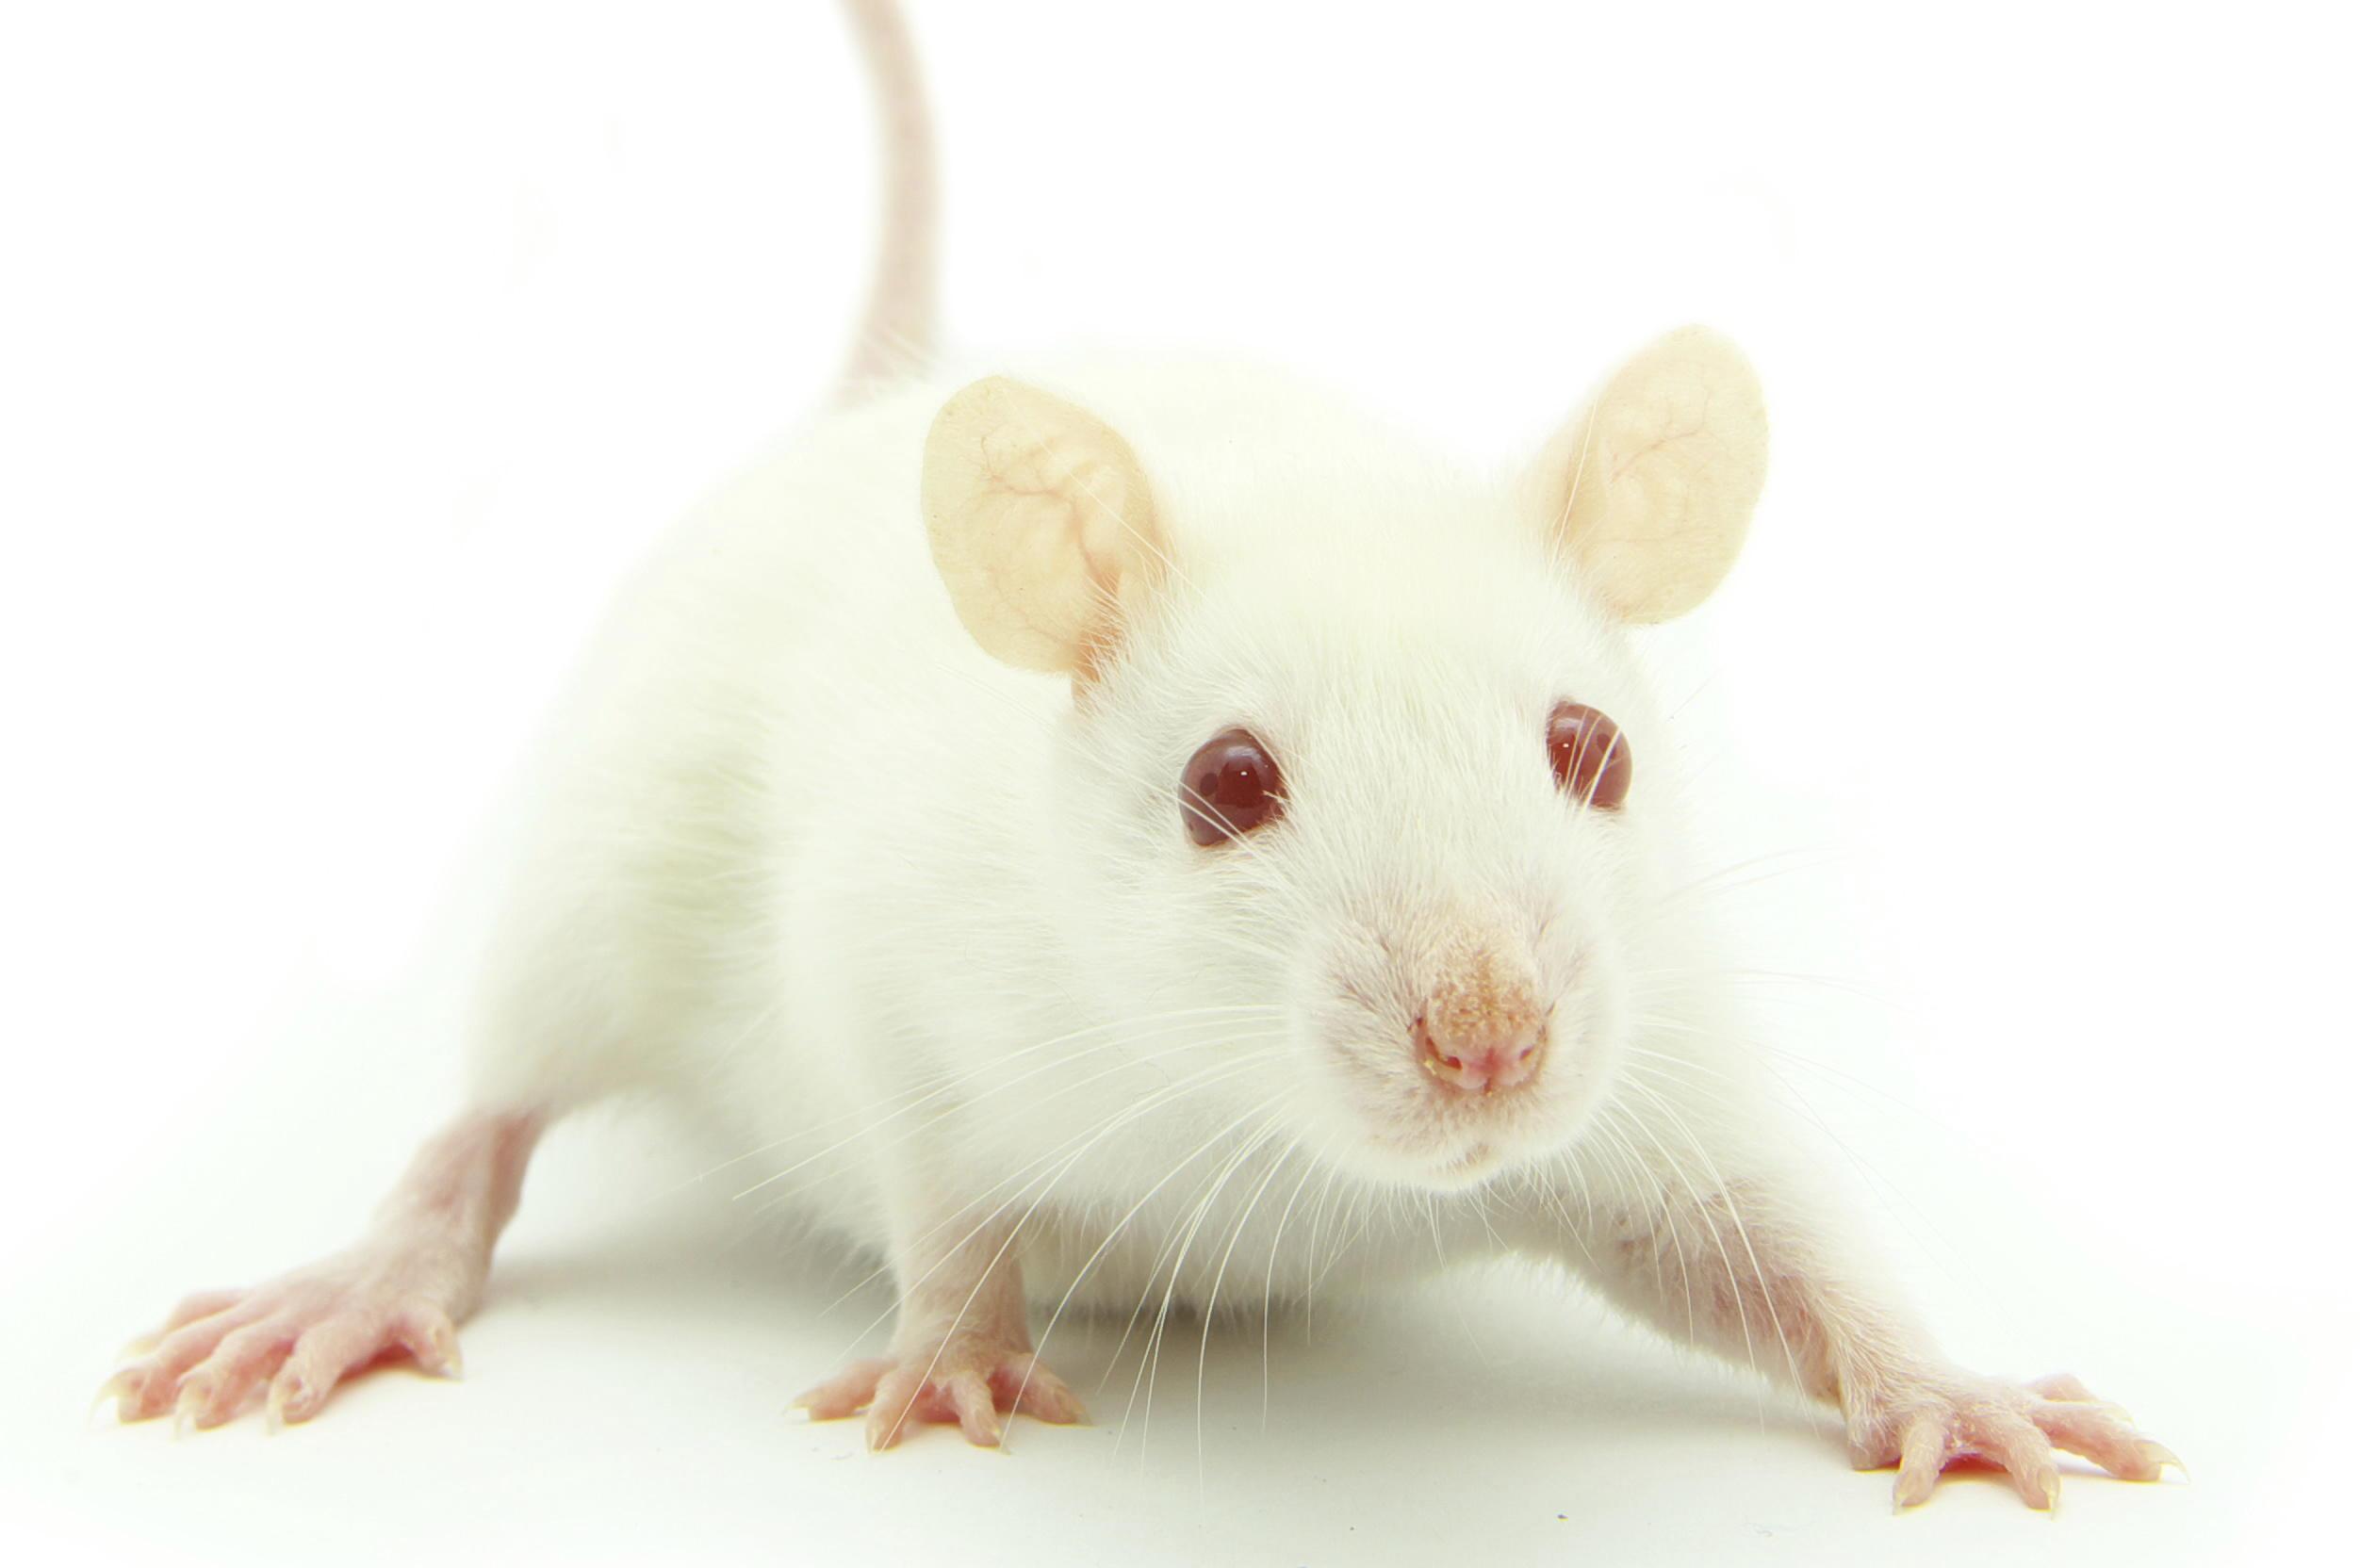 mouse_startled_crop.jpg